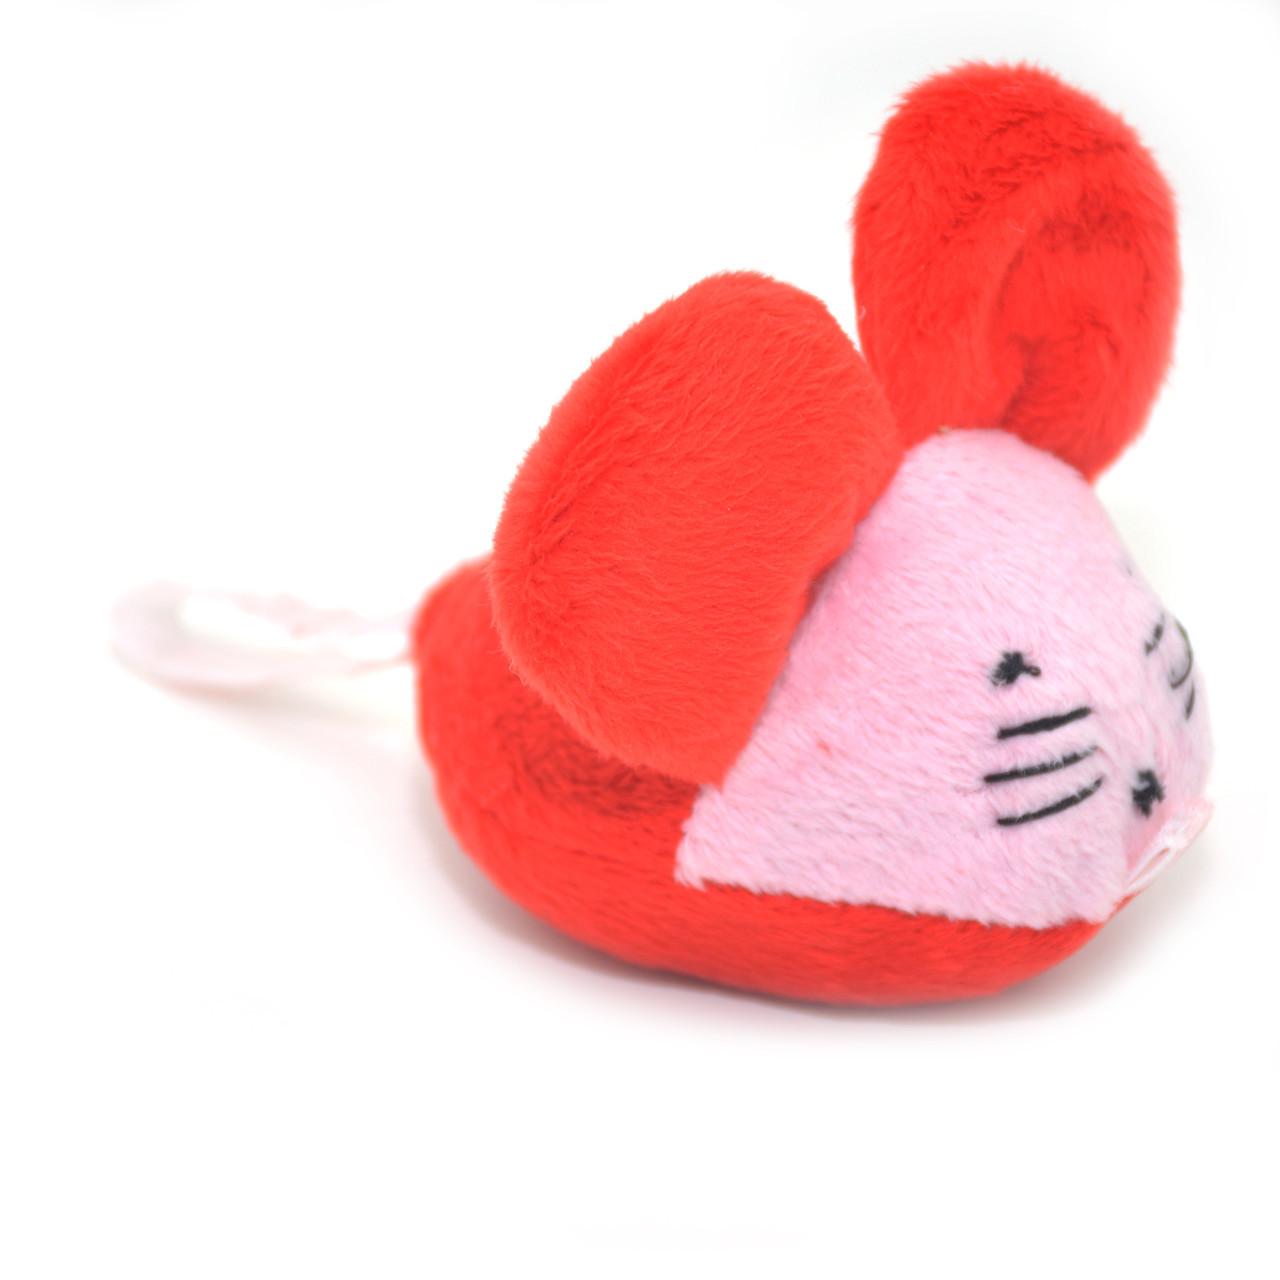 Мягкая игрушка для котов и собак Мышка плюш красно-розовая